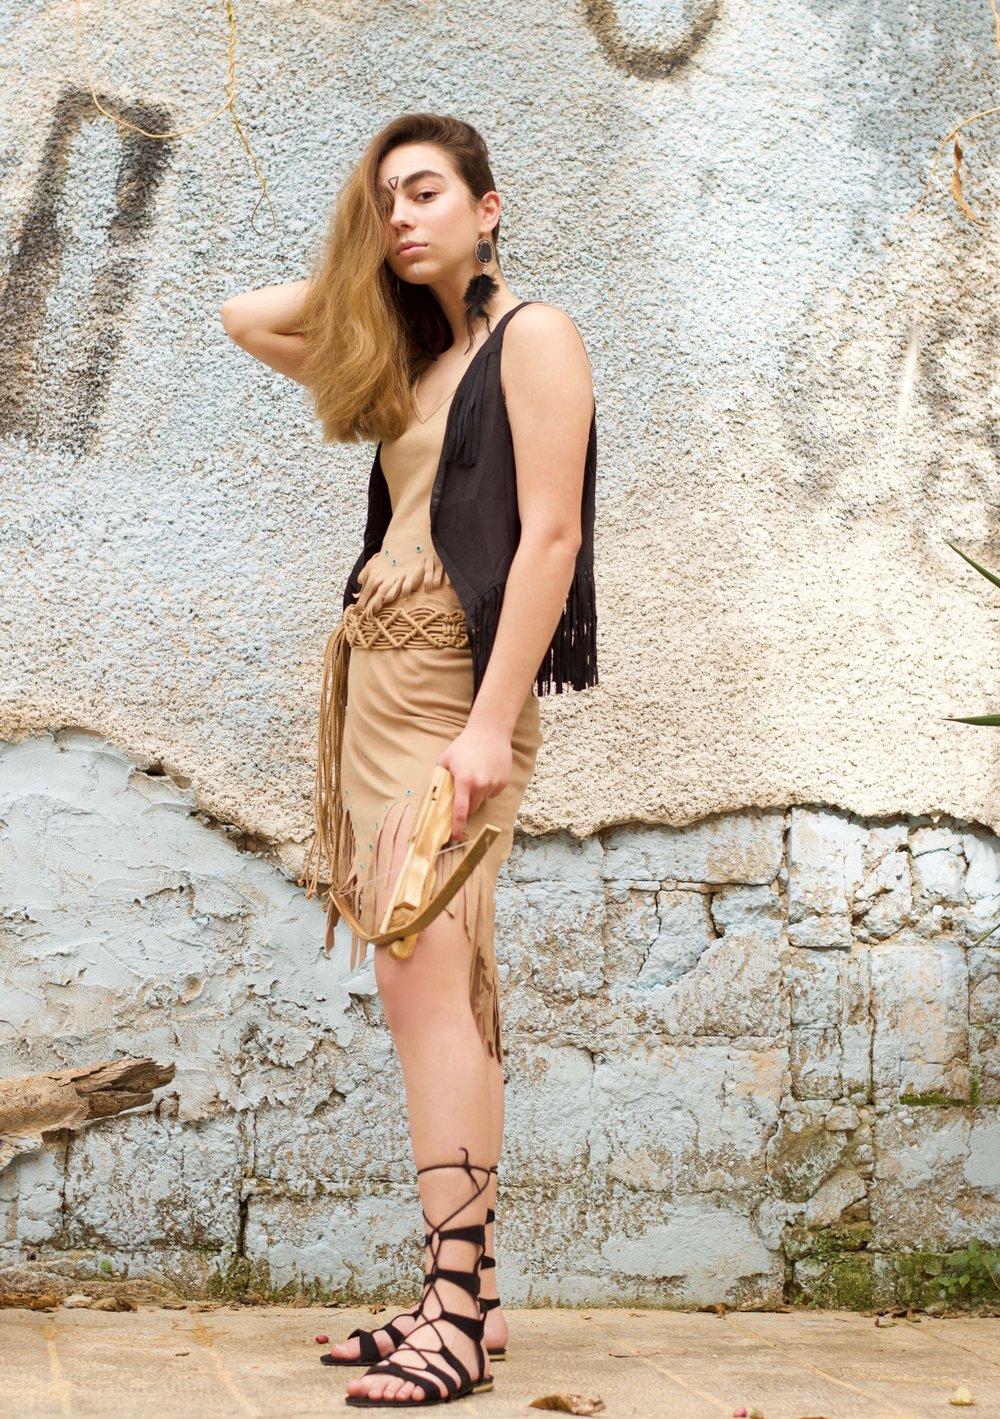 מאי עזריה כפוקהונטס. חליפה, ווסט, חגורה ועגילים – אוסף פרטי, נעליים - רנואר